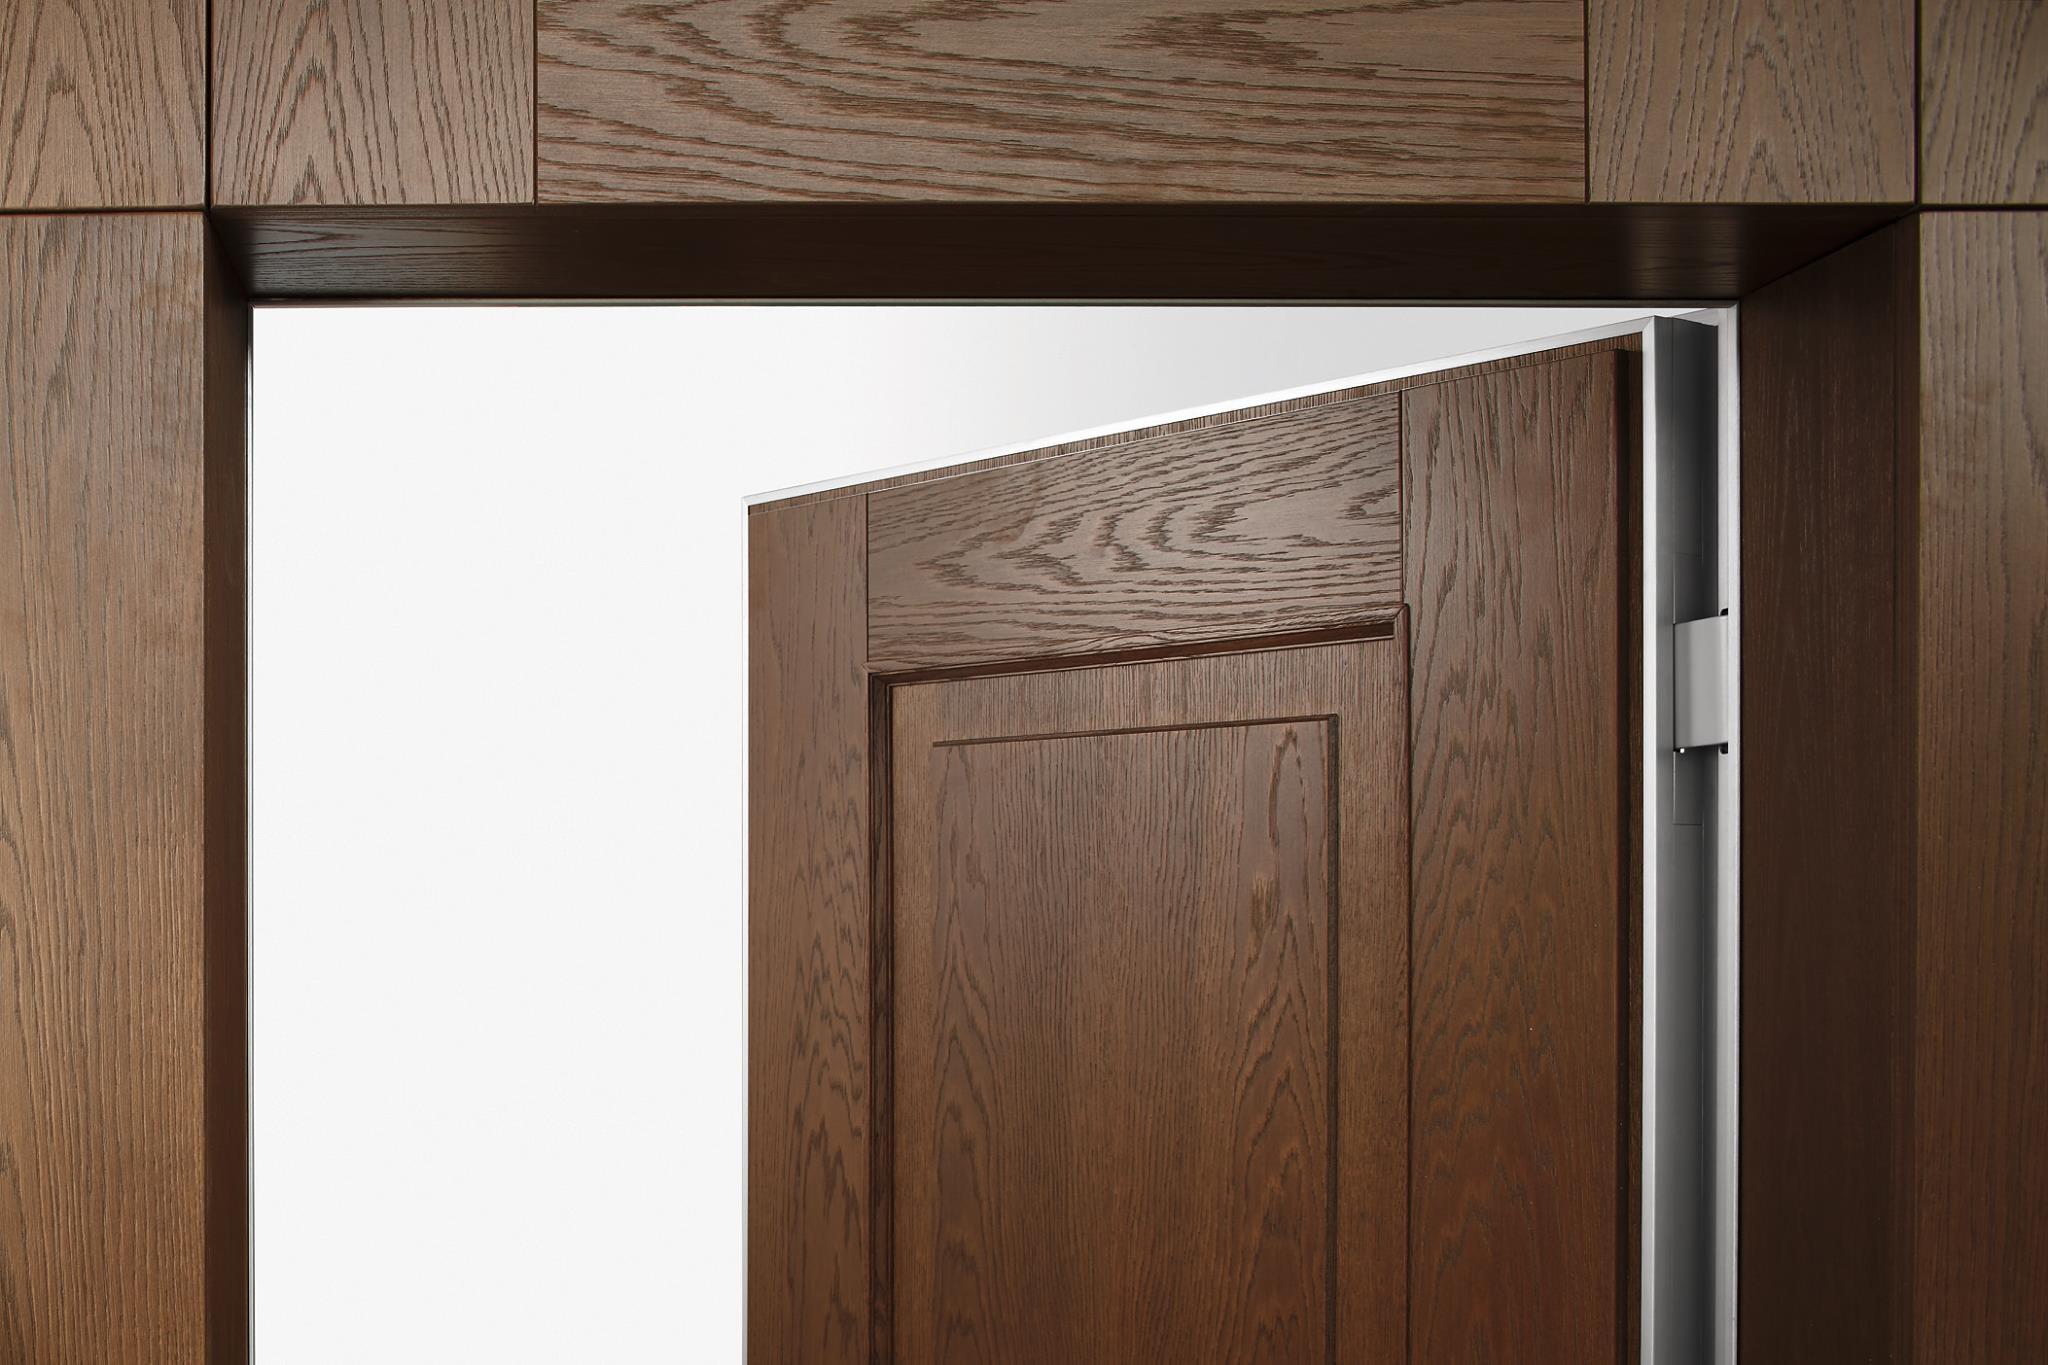 Puertas invisibles sin bisagra timberplan - Bisagras para madera ...